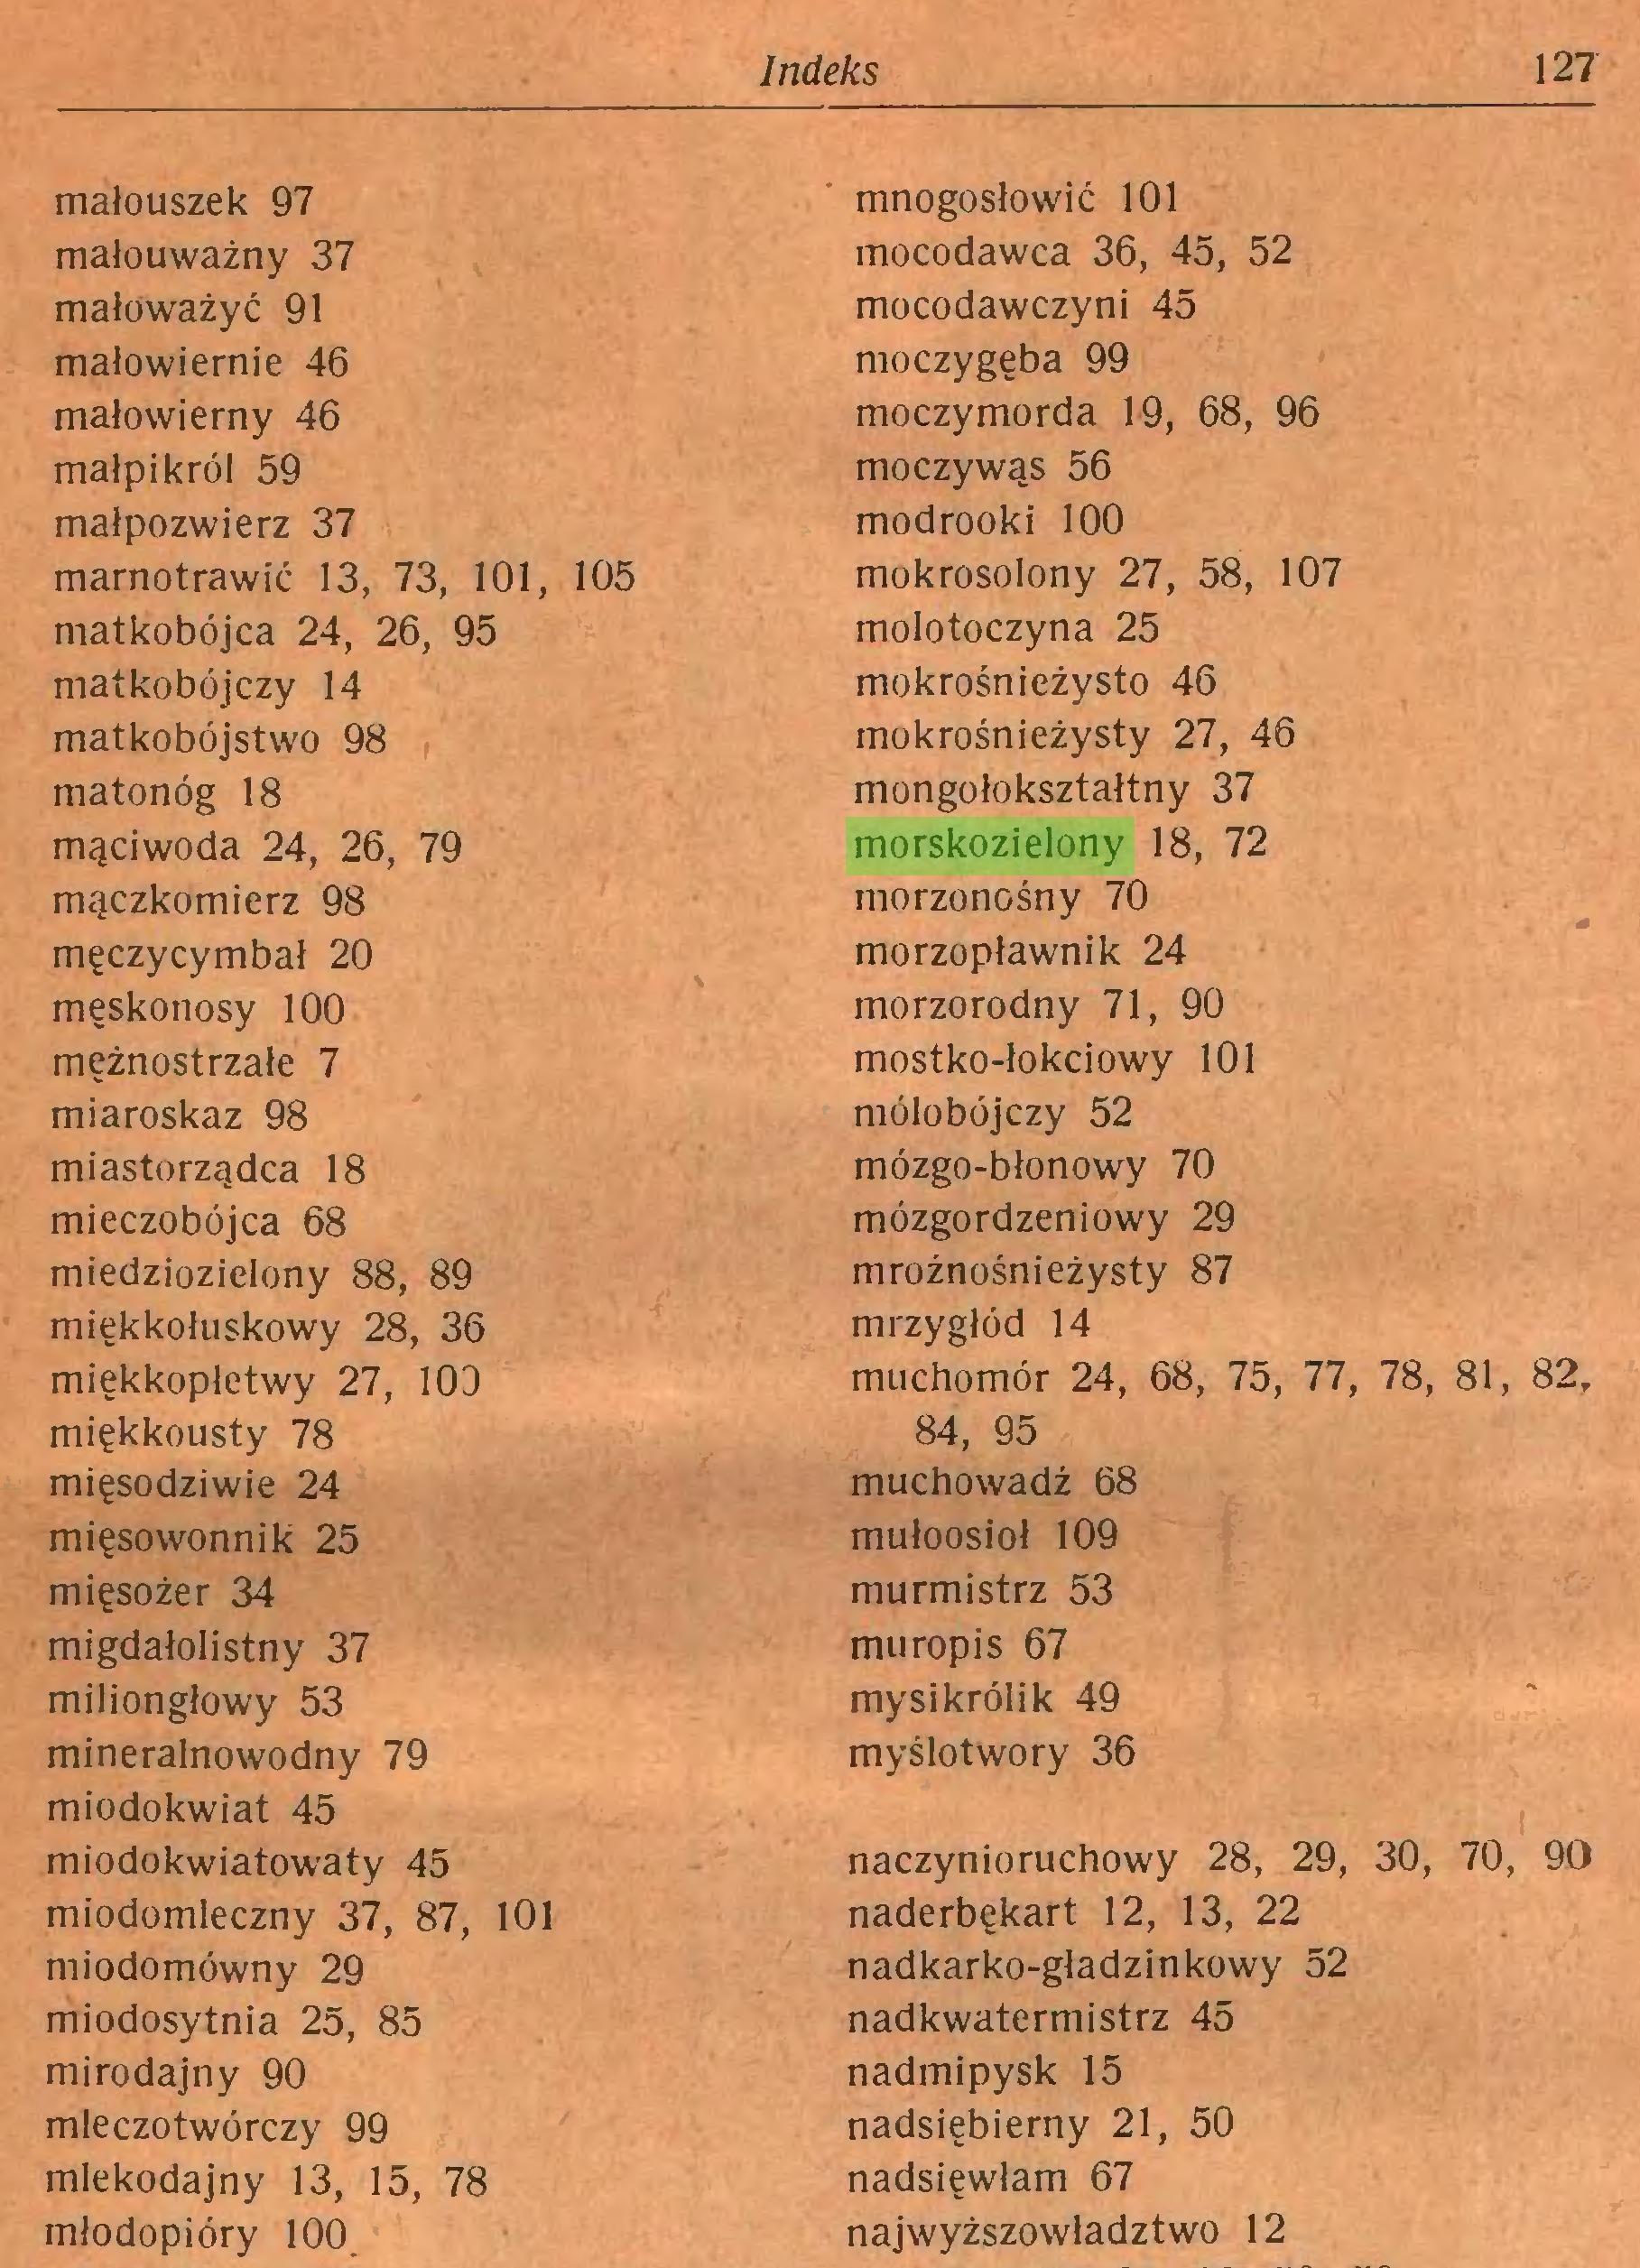 (...) Indeks 127 małouszek 97 mało uważny 37 małoważyć 91 małowiernie 46 małowierny 46 małpikról 59 małpozwierz 37 marnotrawić 13, 73, 101, 105 matkobójca 24, 26, 95 matkobójczy 14 matkobójstwo 98 matonóg 18 mąciwoda 24, 26, 79 mączkomierz 98 męczycymbał 20 męskonosy 100 mężnostrzałe 7 miaroskaz 98 miastorządca 18 mieczobójca 68 miedziozielony 88, 89 miękkołuskowy 28, 36 miękkopłetwy 27, 103 miękkousty 78 mięsodziwie 24 mięsowonnik 25 mięsożer 34 migdałolistny 37 milionglowy 53 mineralnowodny 79 miodokwiat 45 mnogosłowić 101 mocodawca 36, 45, 52 mocodawczyni 45 moczygęba 99 moczymorda 19, 68, 96 moczywąs 56 modrooki 100 mokrosolony 27, 58, 107 molotoczyna 25 mokrośnieżysto 46 mokrośnieżysty 27, 46 mongołokształtny 37 morskozielony 18, 72 morzonośny 70 morzopławnik 24 morzorodny 71, 90 mostko-łokciowy 101 mólobójczy 52 mózgo-błonowy 70 mózgordzeniowy 29 mroźnośnieżysty 87 mrzygłód 14 muchomor 24, 68, 75, 77, 78, 81, 82, 84, 95 muchowadź 68 mułoosioł 109 murmistrz 53 muropis 67 mysikrólik 49 myślotwory 36 miodokwiatowaty 45 miodomleczny 37, 87, 101 miodomówny 29 miodosytnia 25, 85 mirodajny 90 mleczotwórczy 99 mlekodajny 13, 15, 78 młodopióry 100...